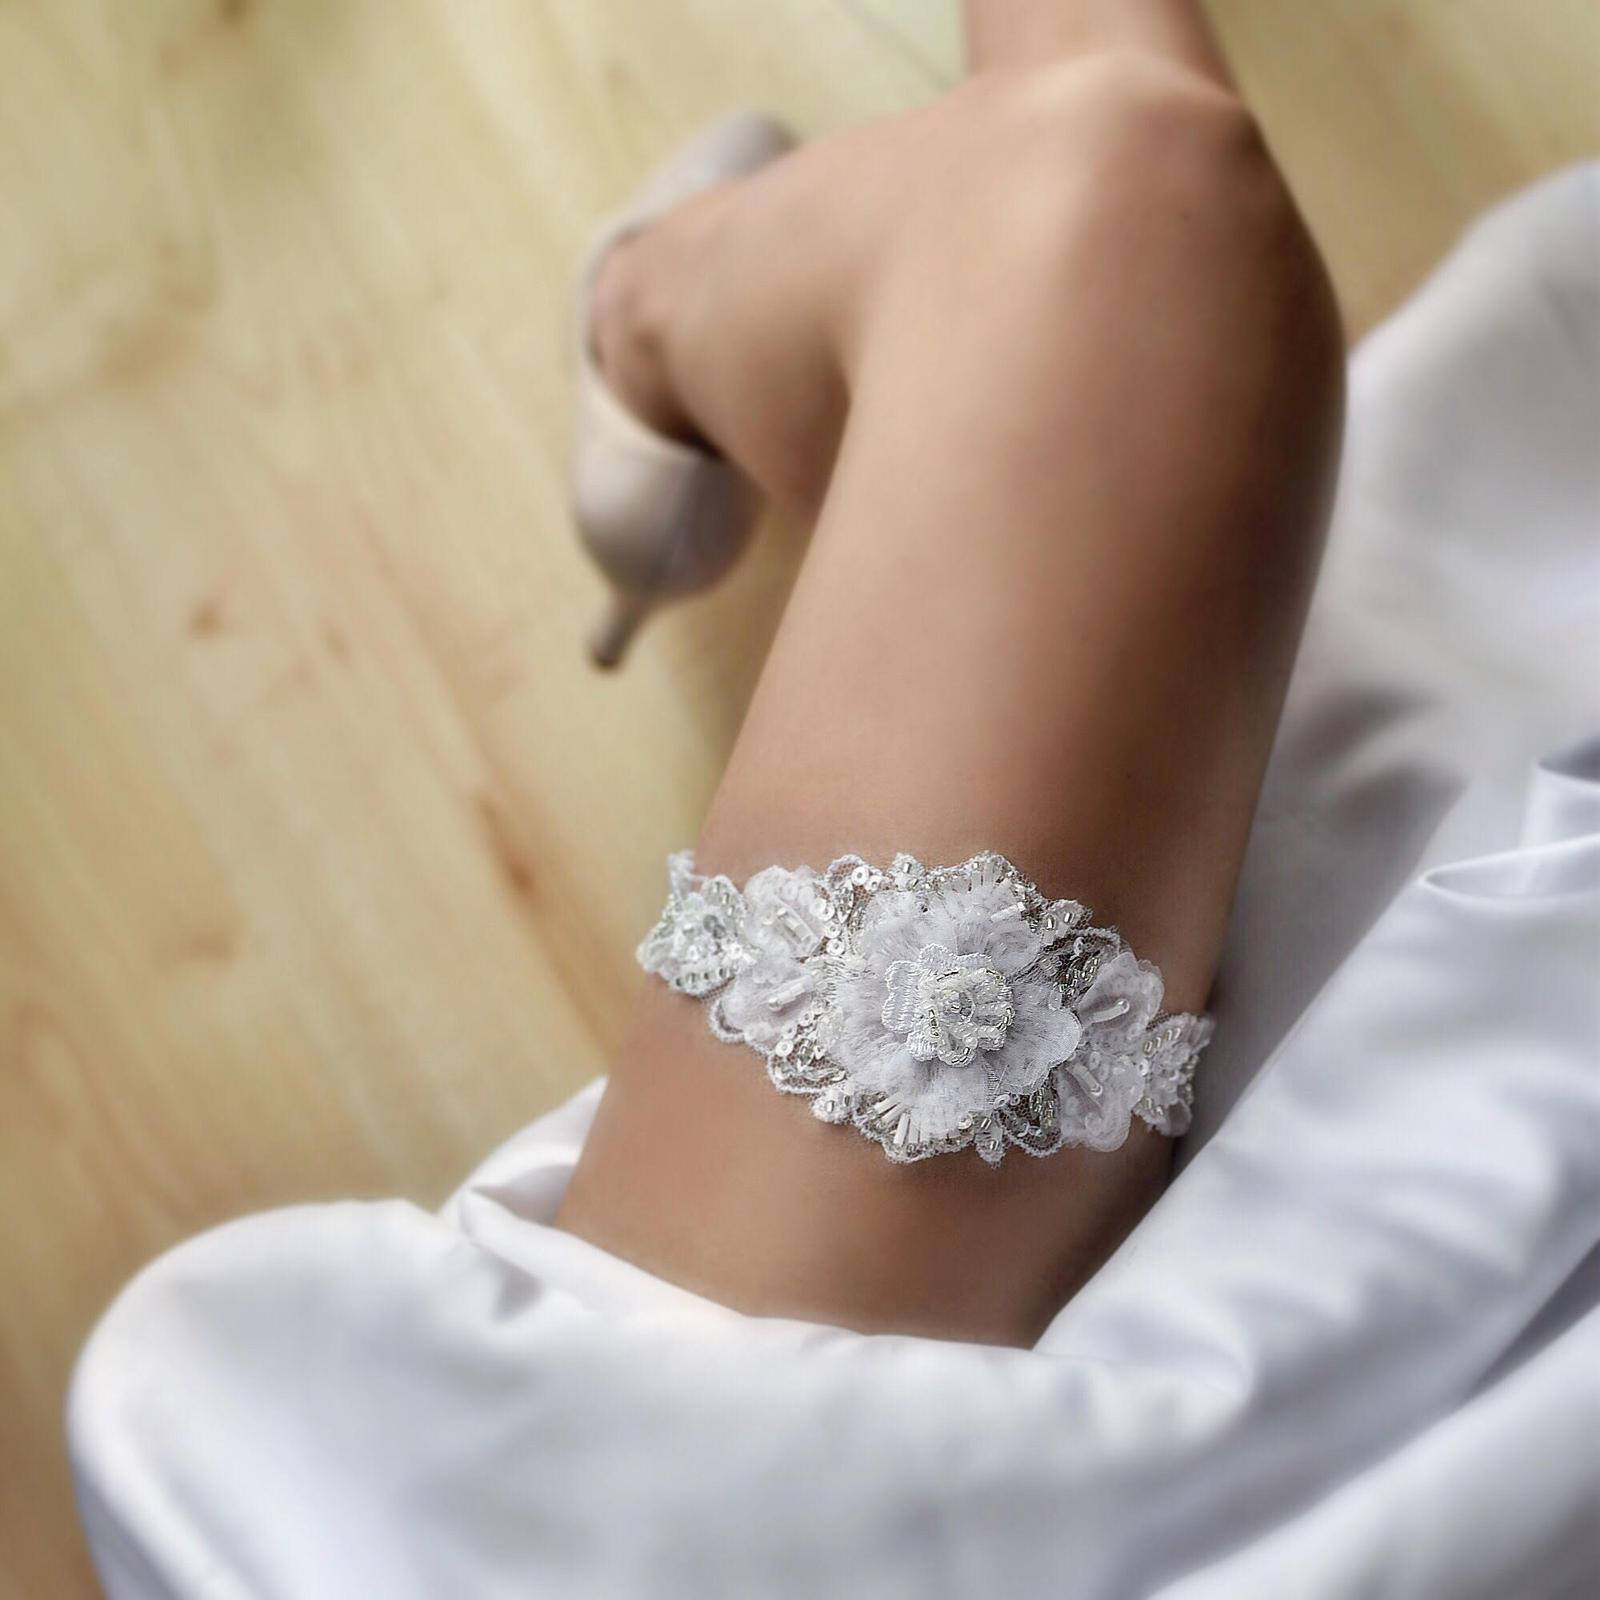 Luxusné svadobné podväzky - Obrázok č. 13